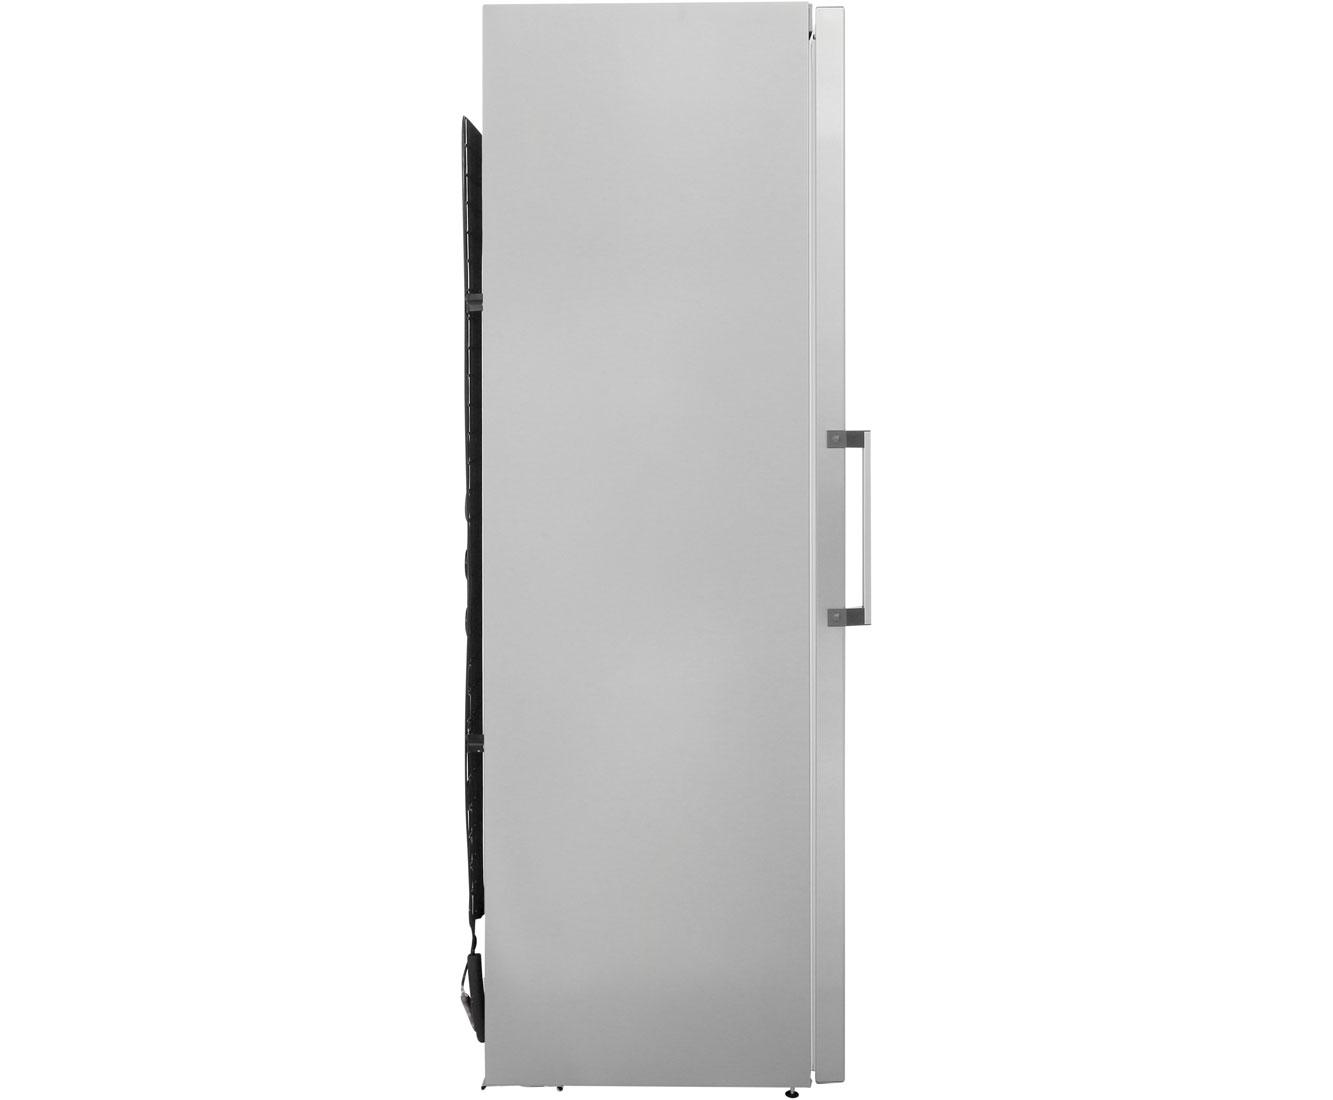 Gorenje Kühlschrank Qualität : Gorenje r fw kühlschrank weiß a